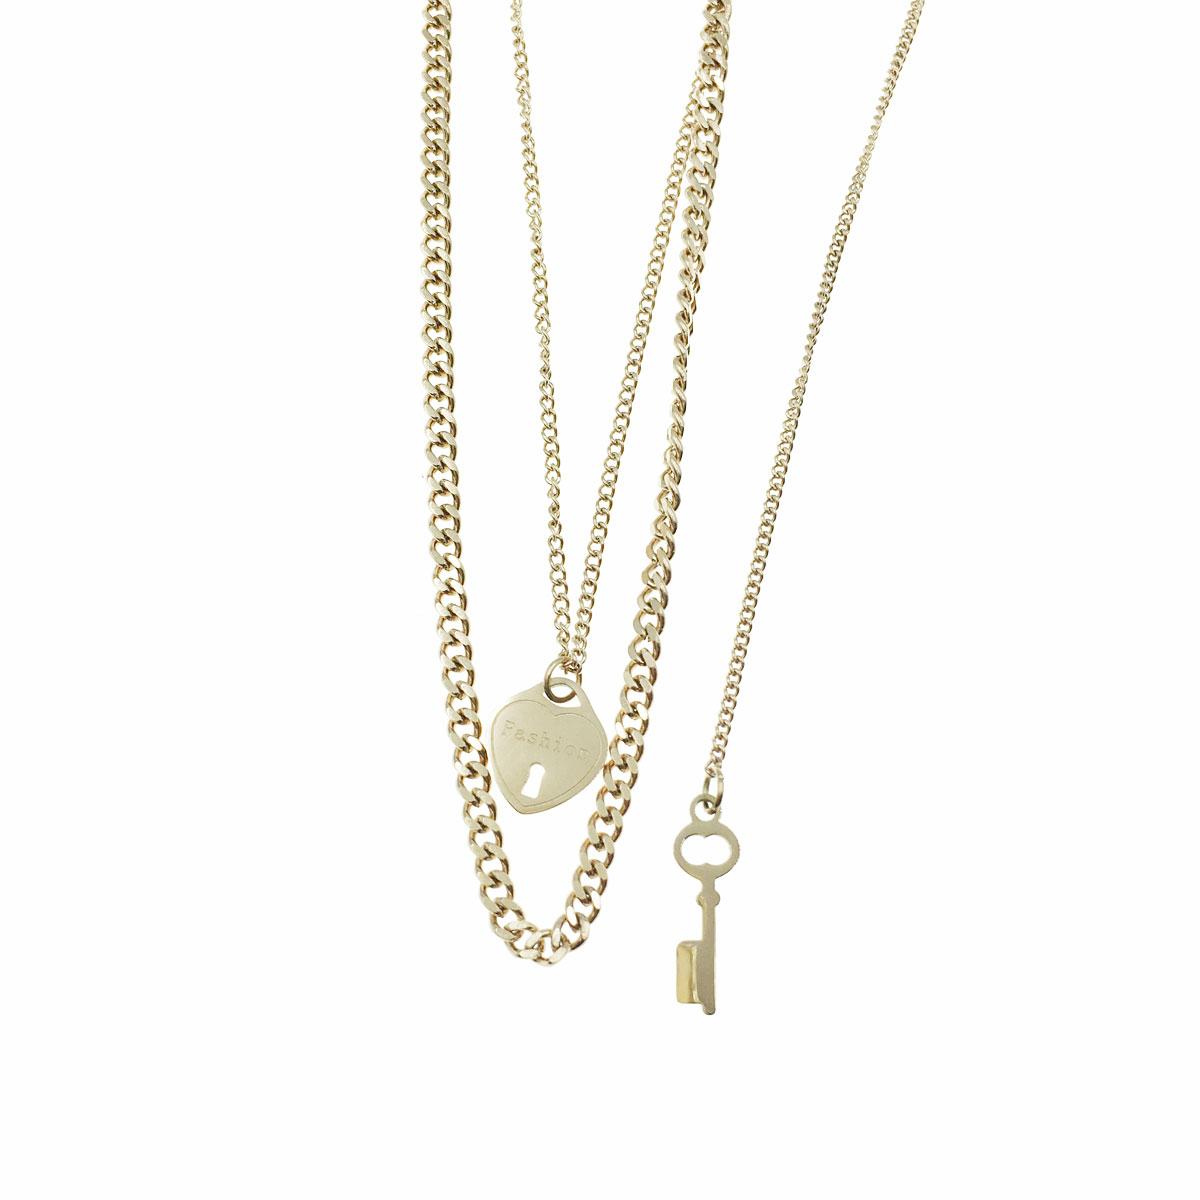 韓國 不銹鋼 英文 愛心鎖 鑰匙 鎖骨鍊 短鍊 項鍊 飾品